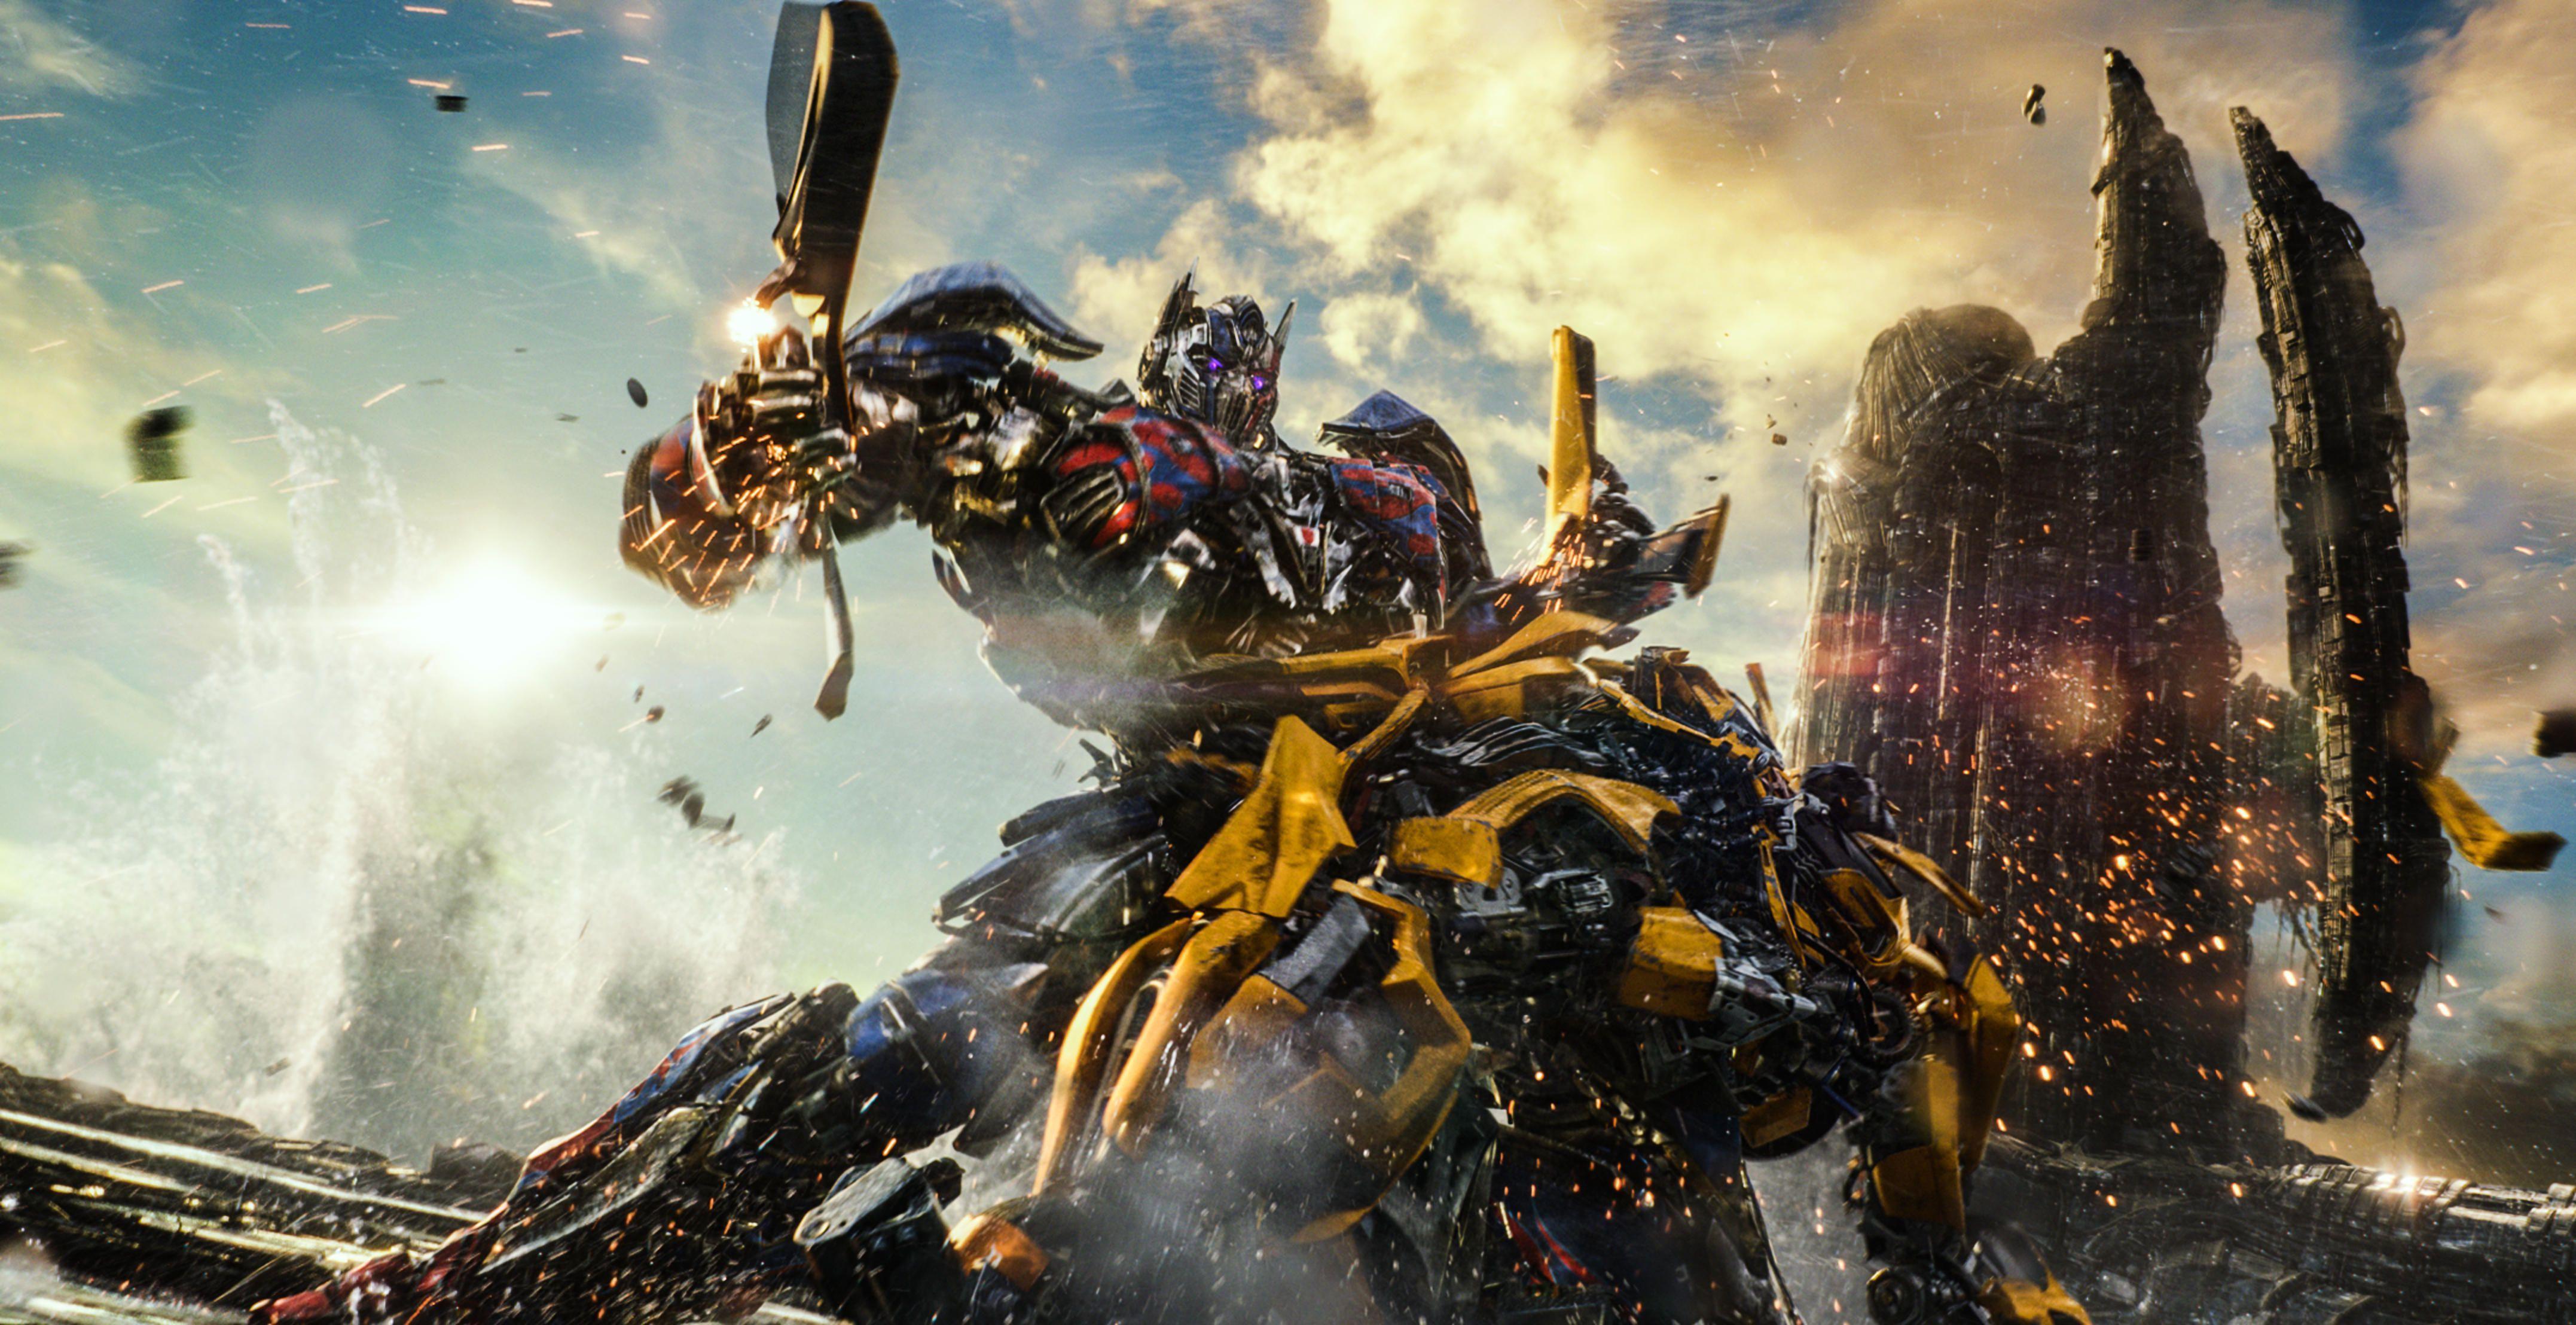 transformers' mythology explained